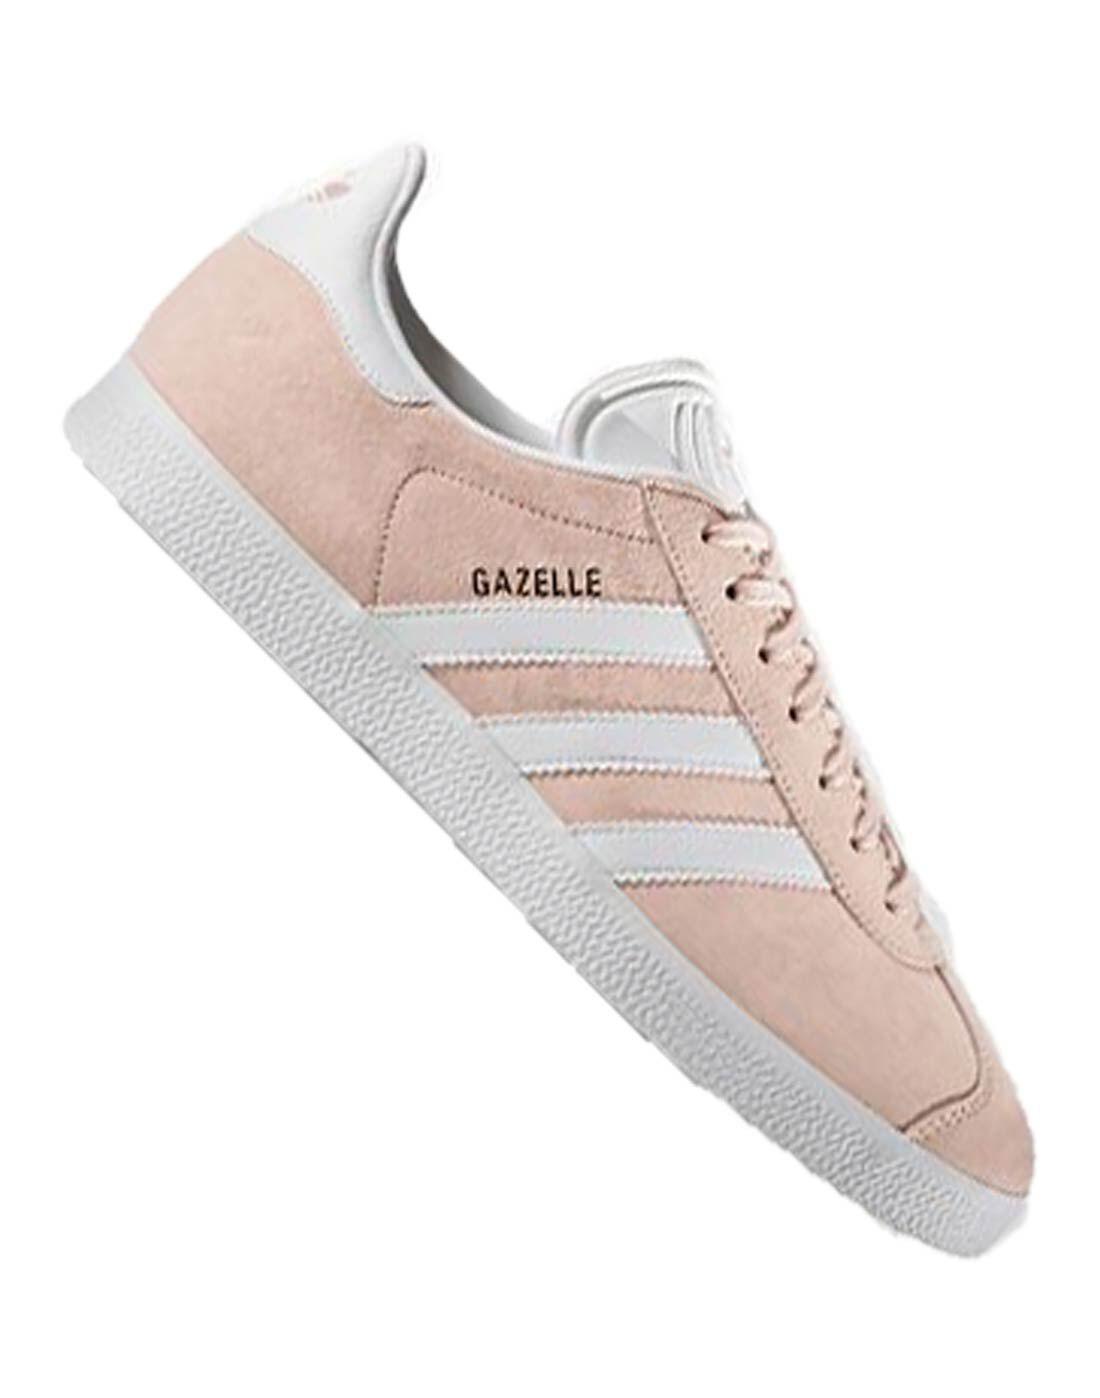 adidas originali donne gazzella rosa dello stile di vita sportiva